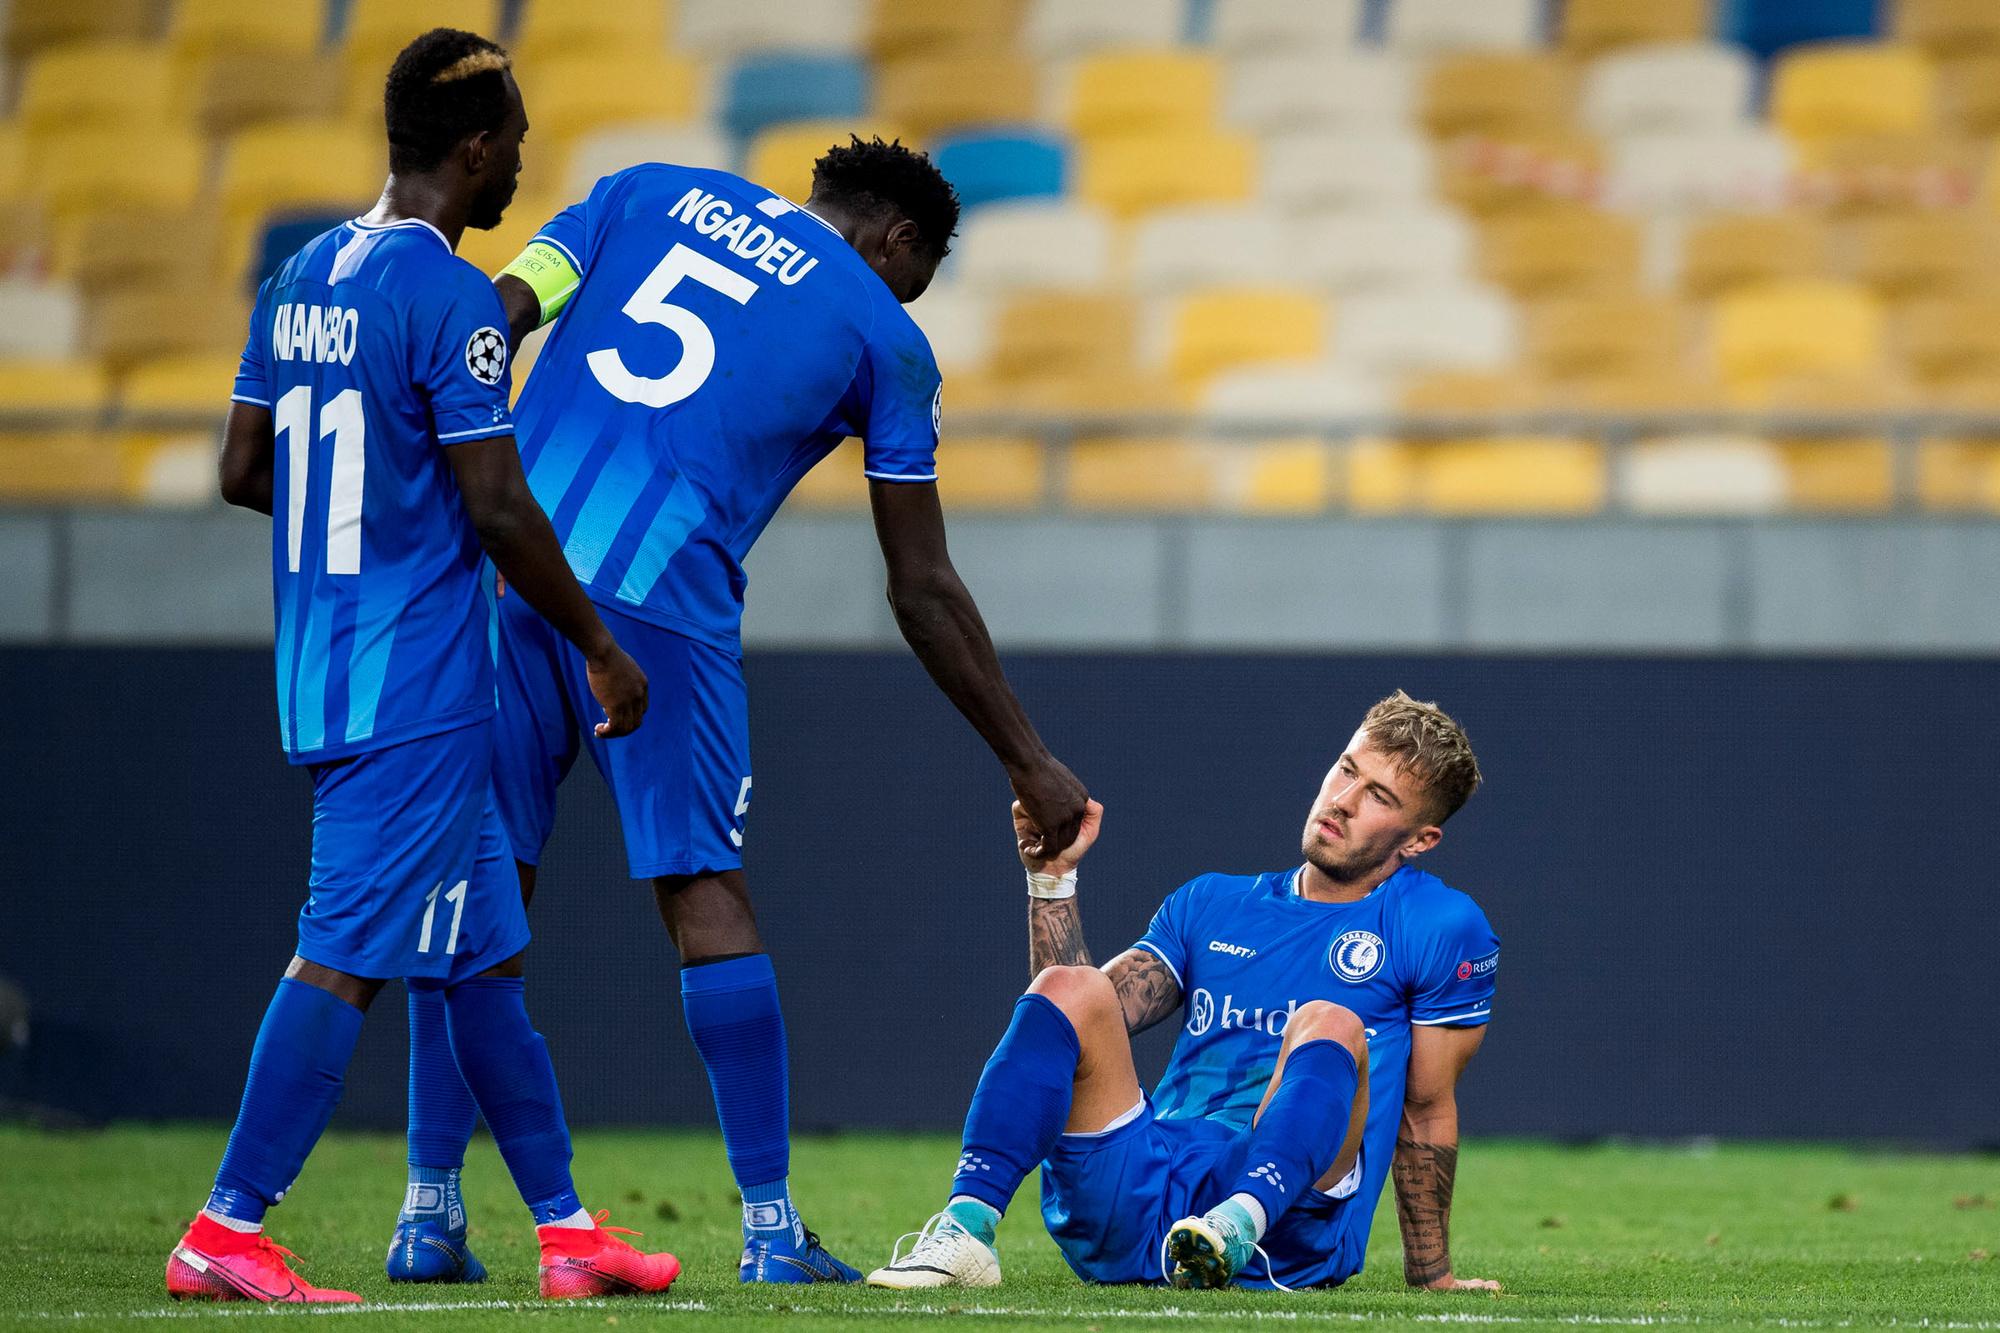 KAA Gent verdiende geen punten door de uitschakeling in de play-offs van de Champions League., Belga Image